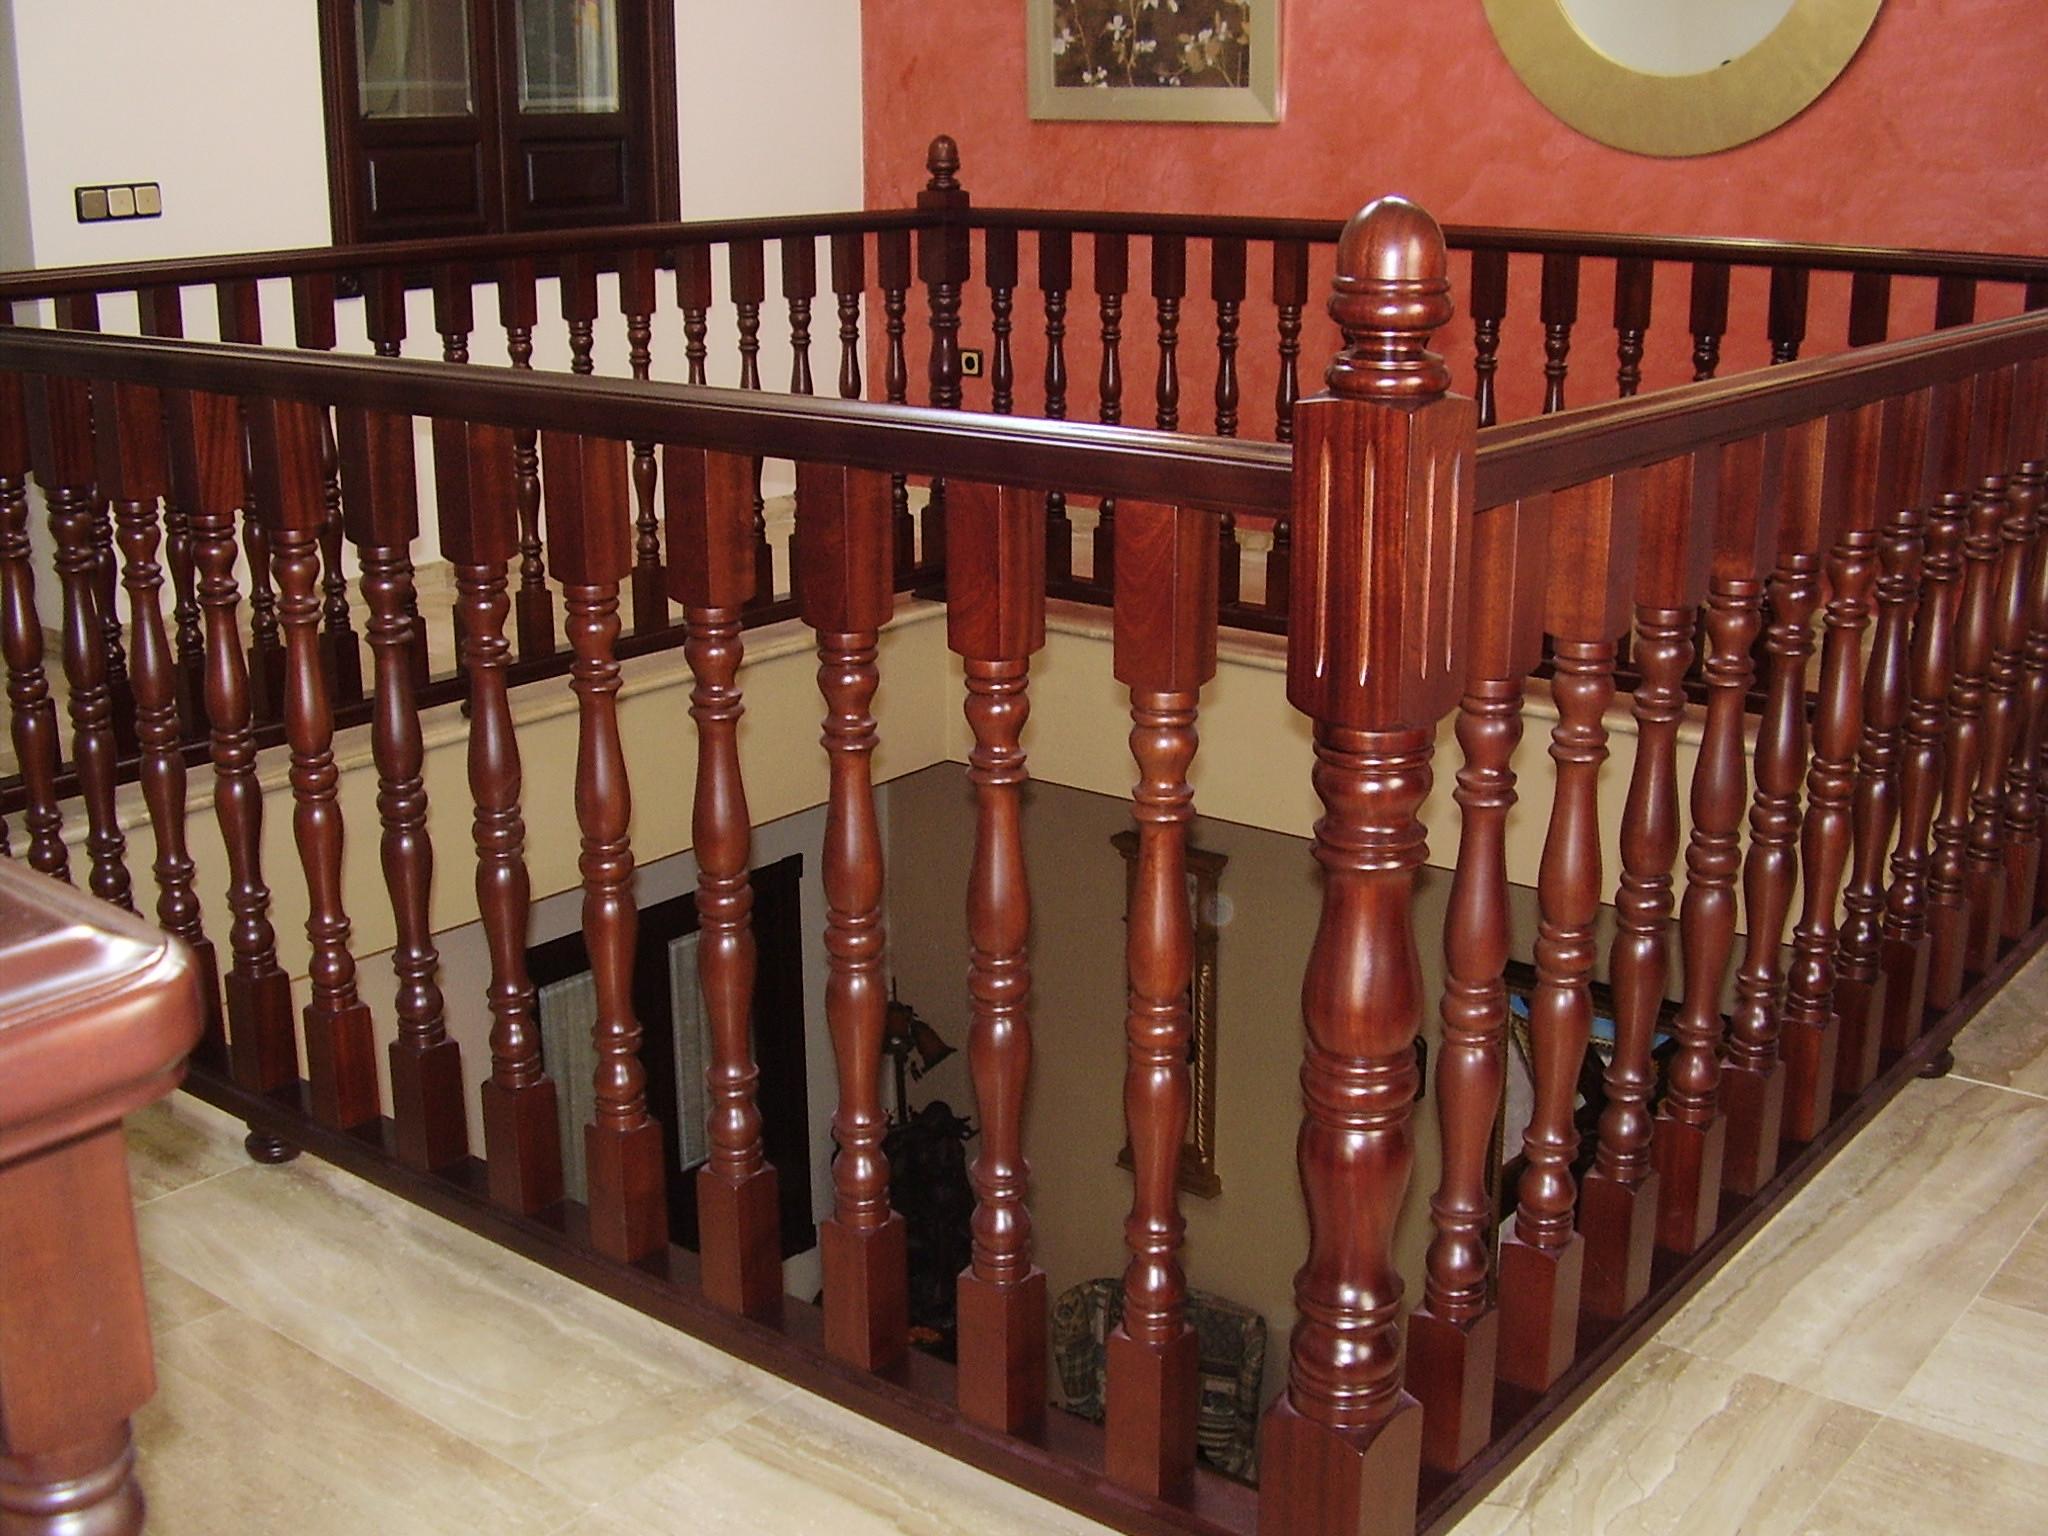 Baranda de escalera torneados y carpinter atorneados y carpinter a - Barandas de madera para escaleras ...